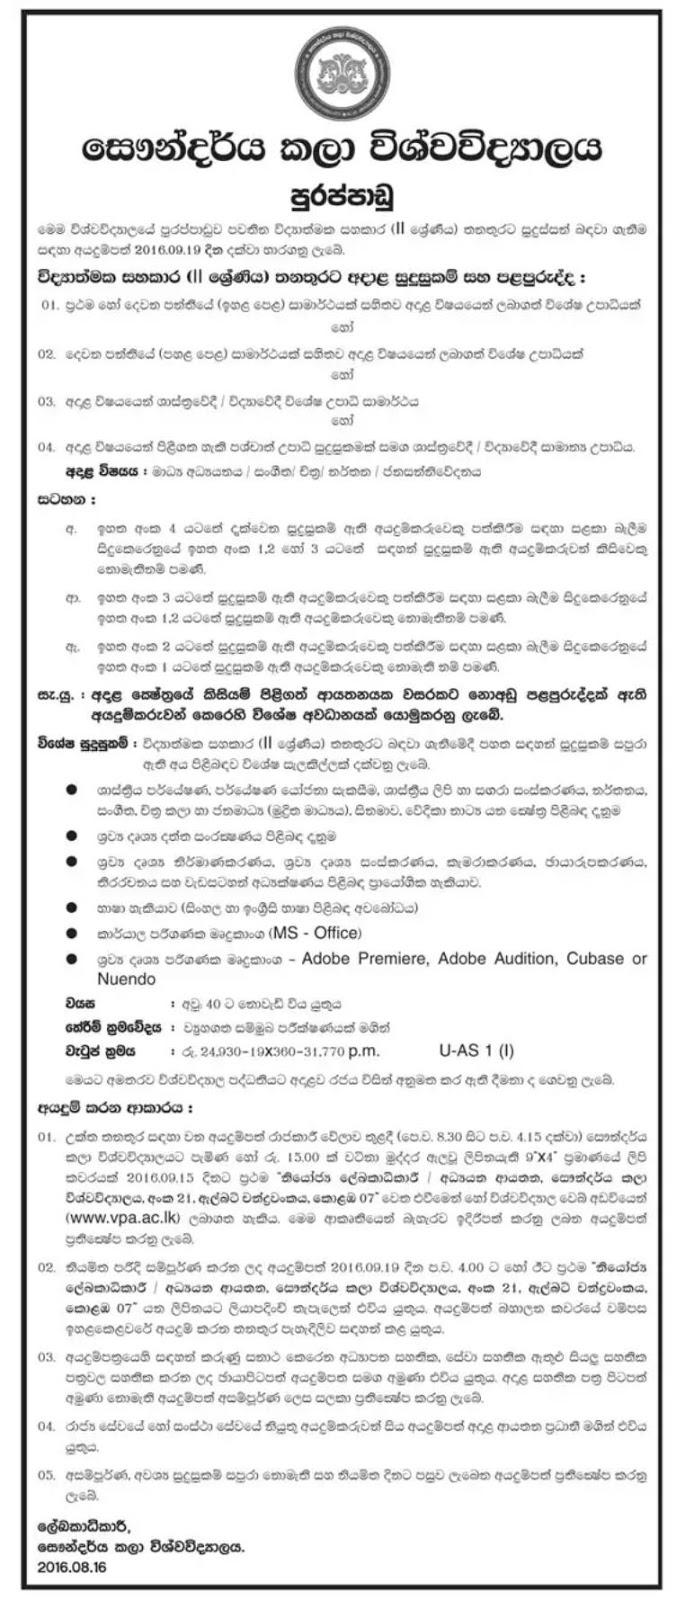 university of the visual performing arts vacancies government university of the visual performing arts vacancies